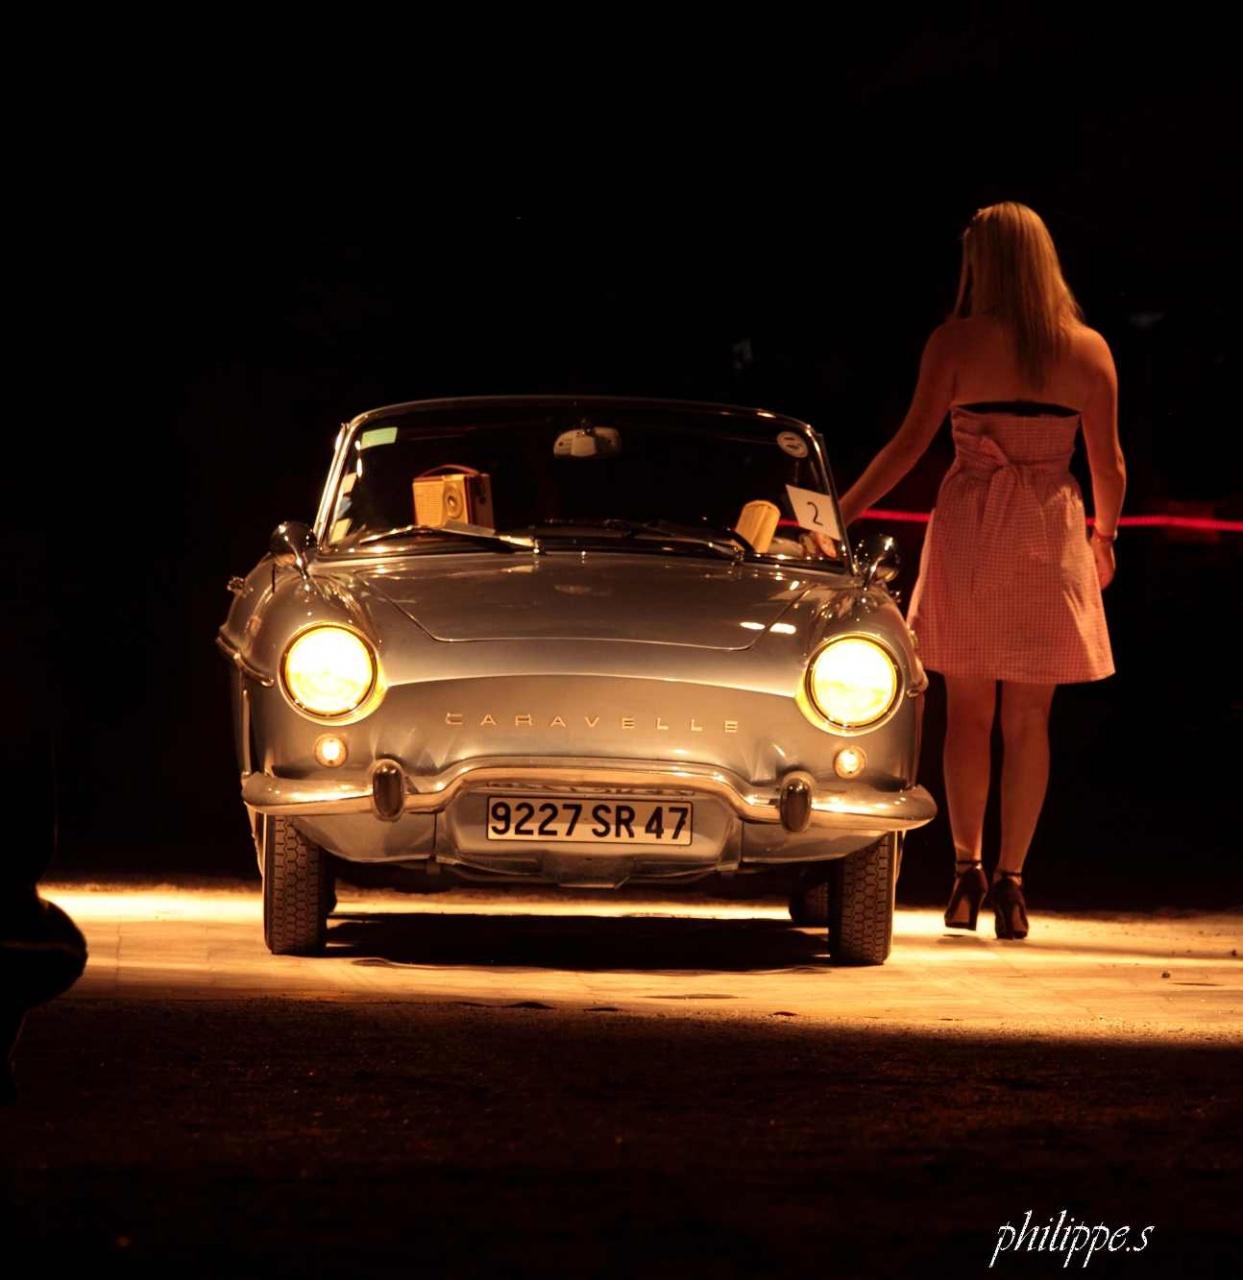 Image 27 sur 28 de l 39 album voiture - Image de vieille voiture ...